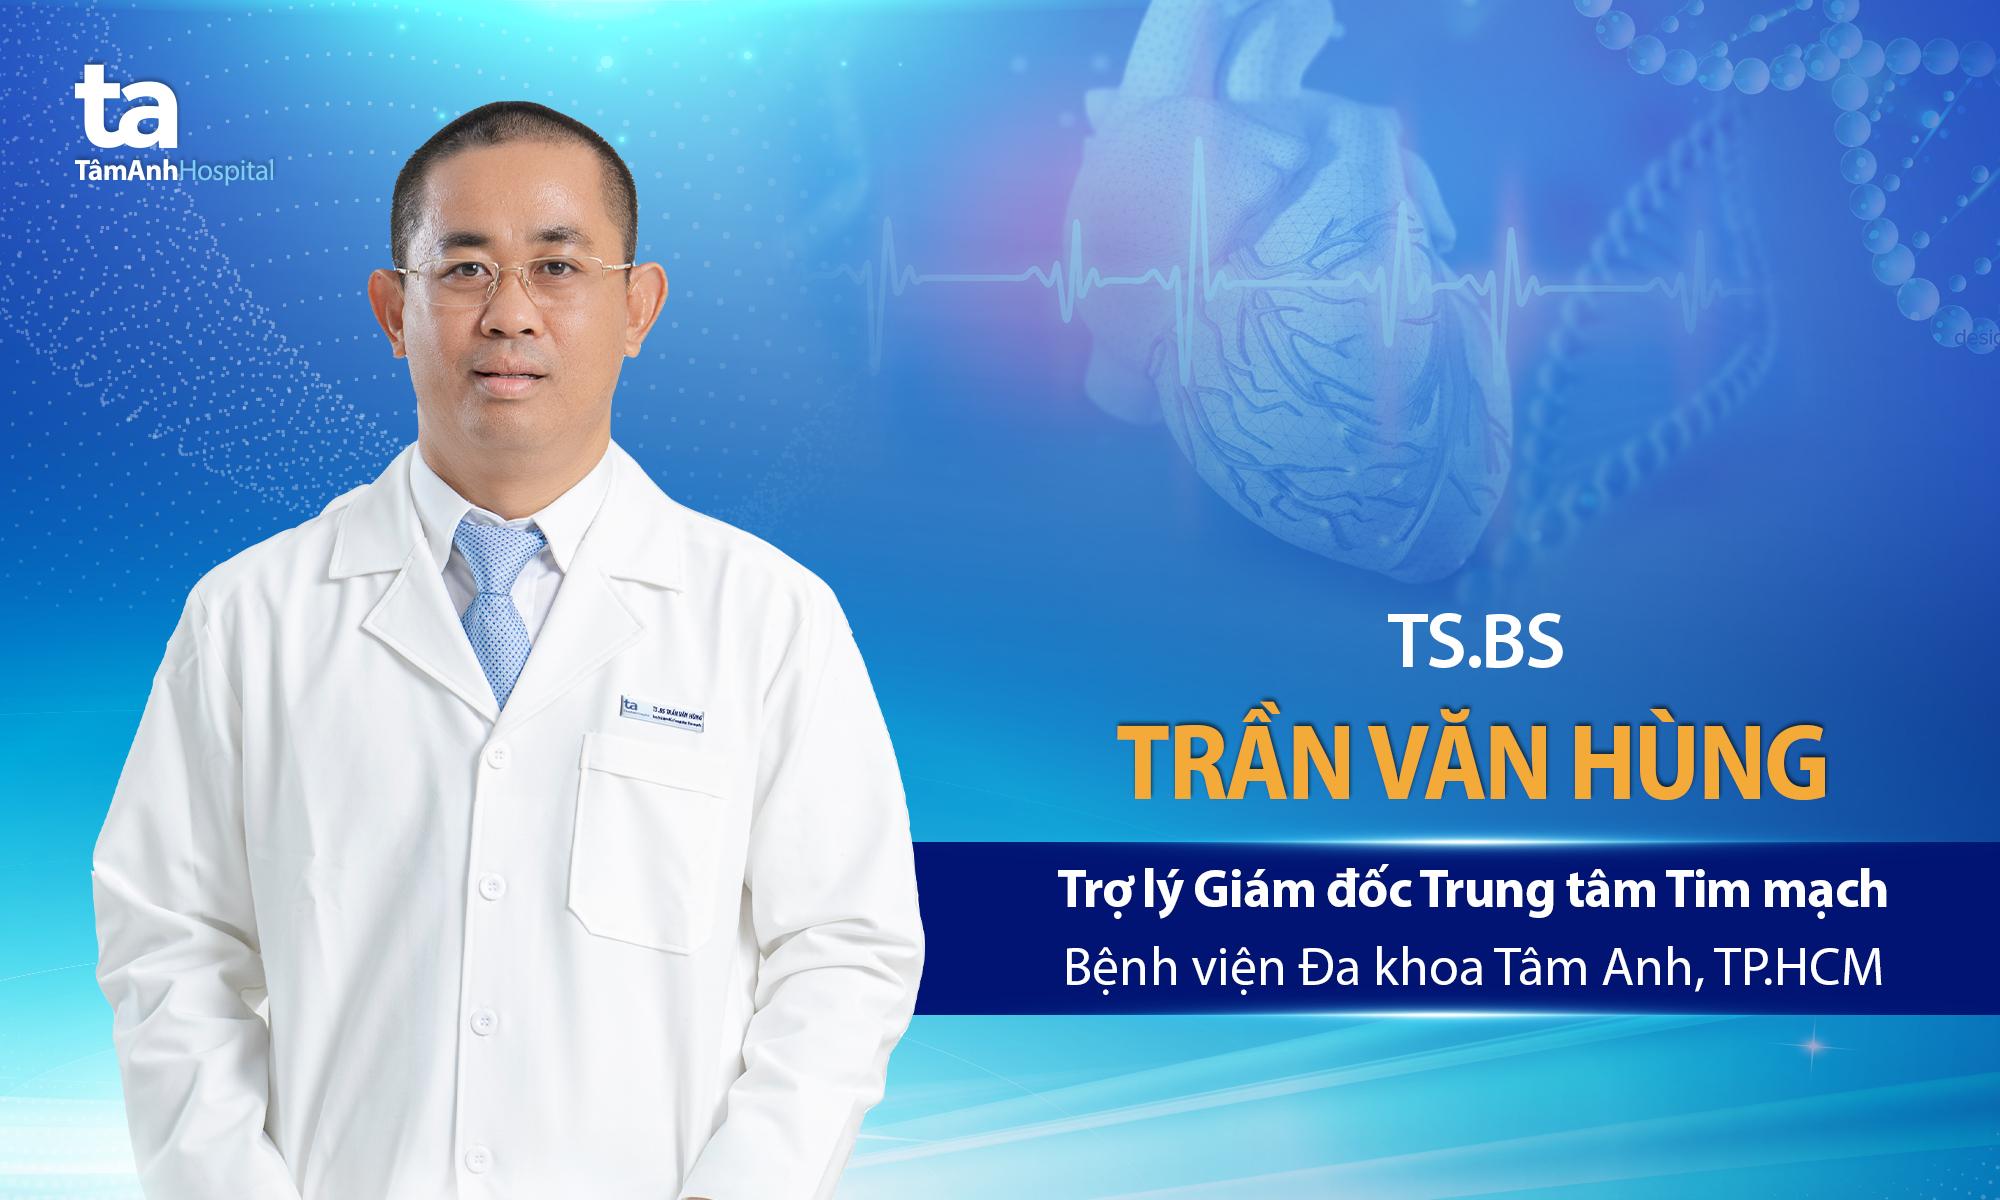 TS.BS Trần Văn Hùng